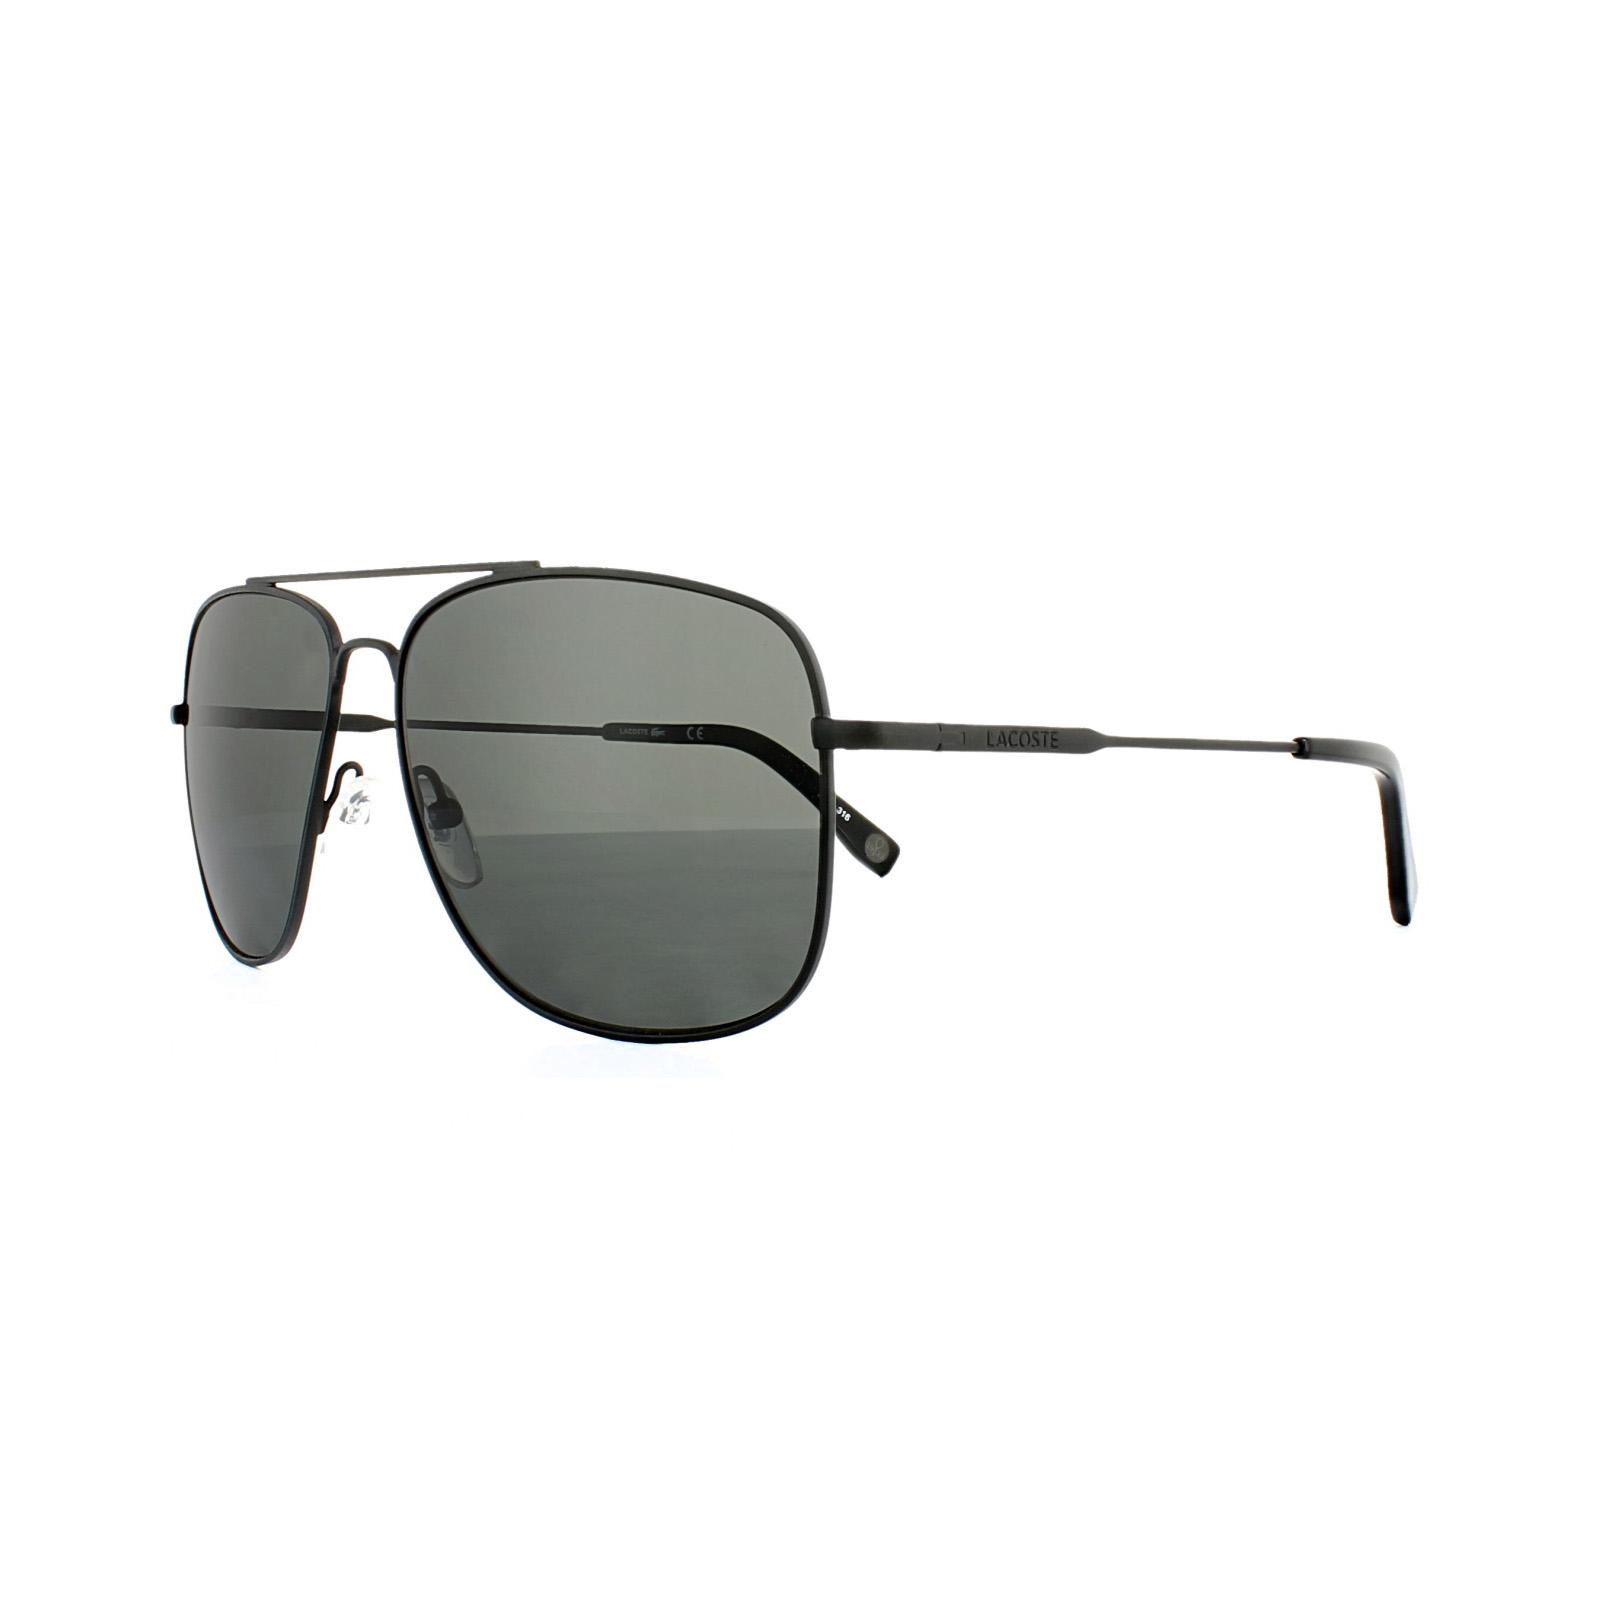 0cbc961f35 Lacoste Sunglasses L175SP 001 Matt Black Grey Polarized 886895236706 ...